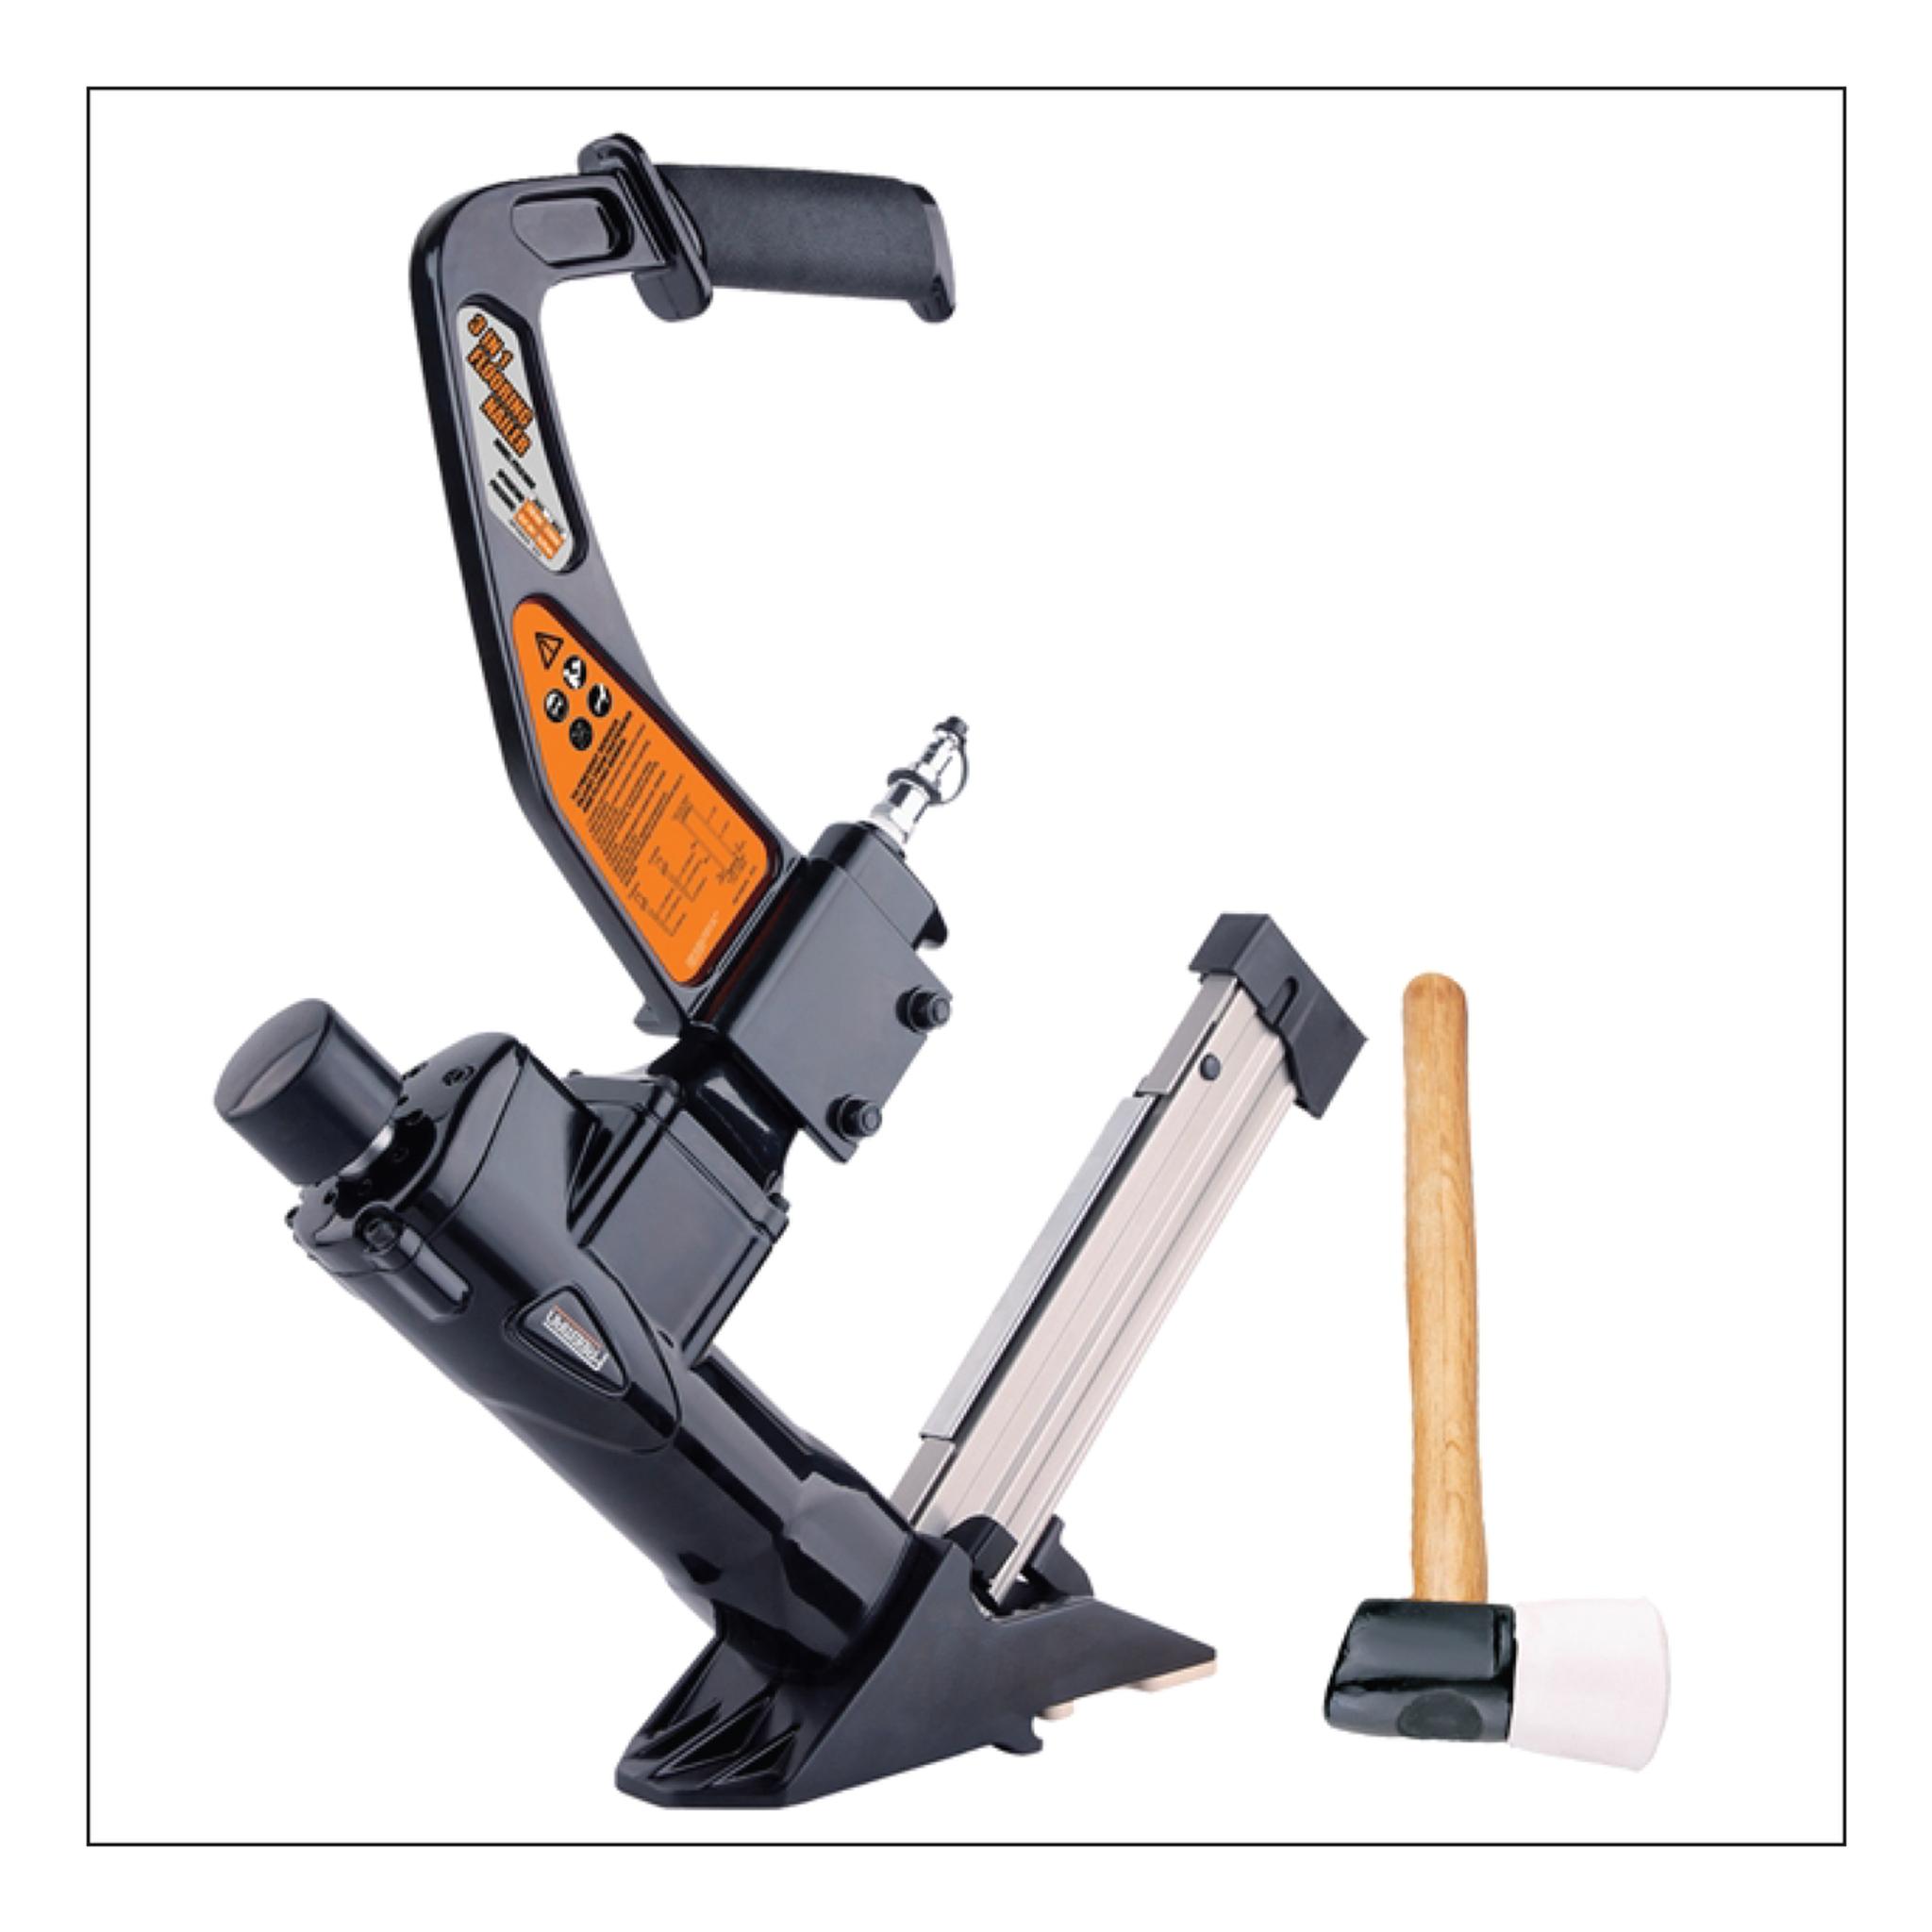 3 In 1 Hardwood Flooring Nailer Rental Starting At Abcwnyrental